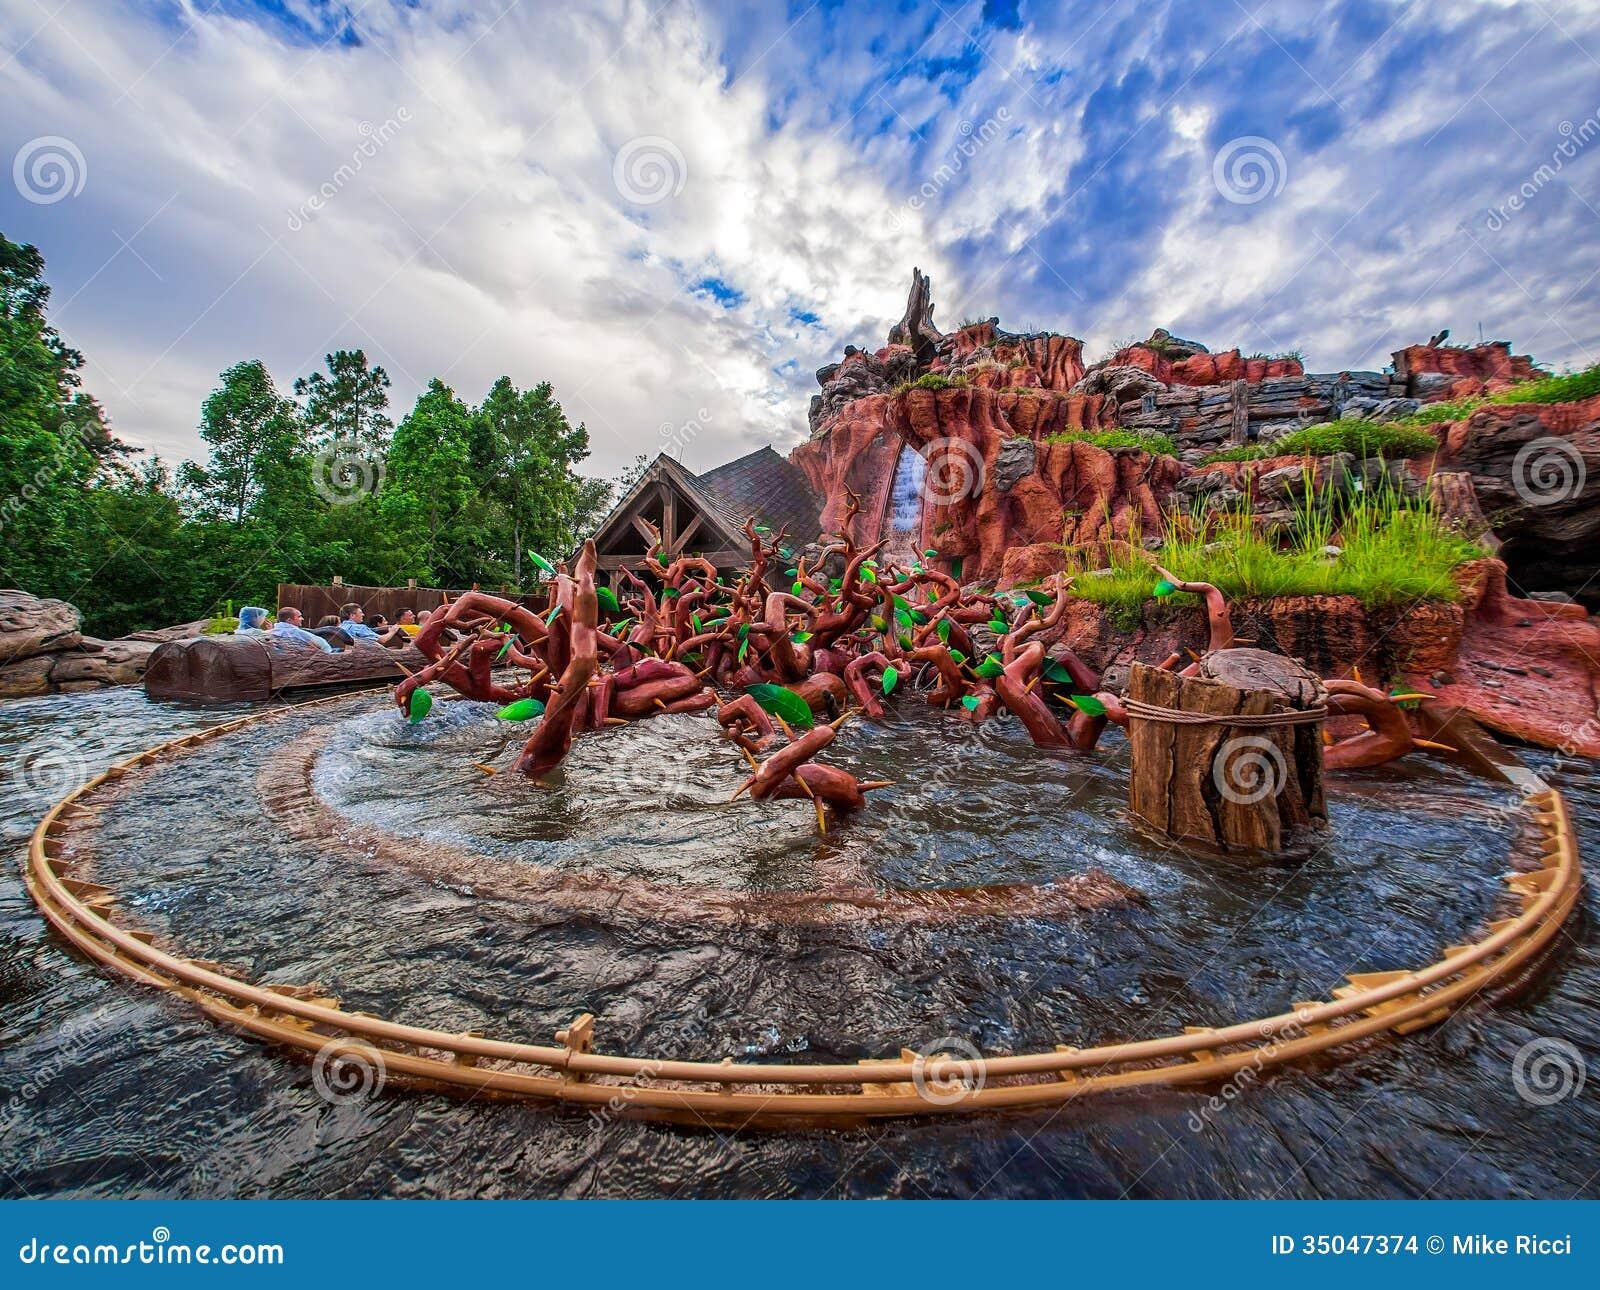 splash mountian editorial stock image  image of fantasyland